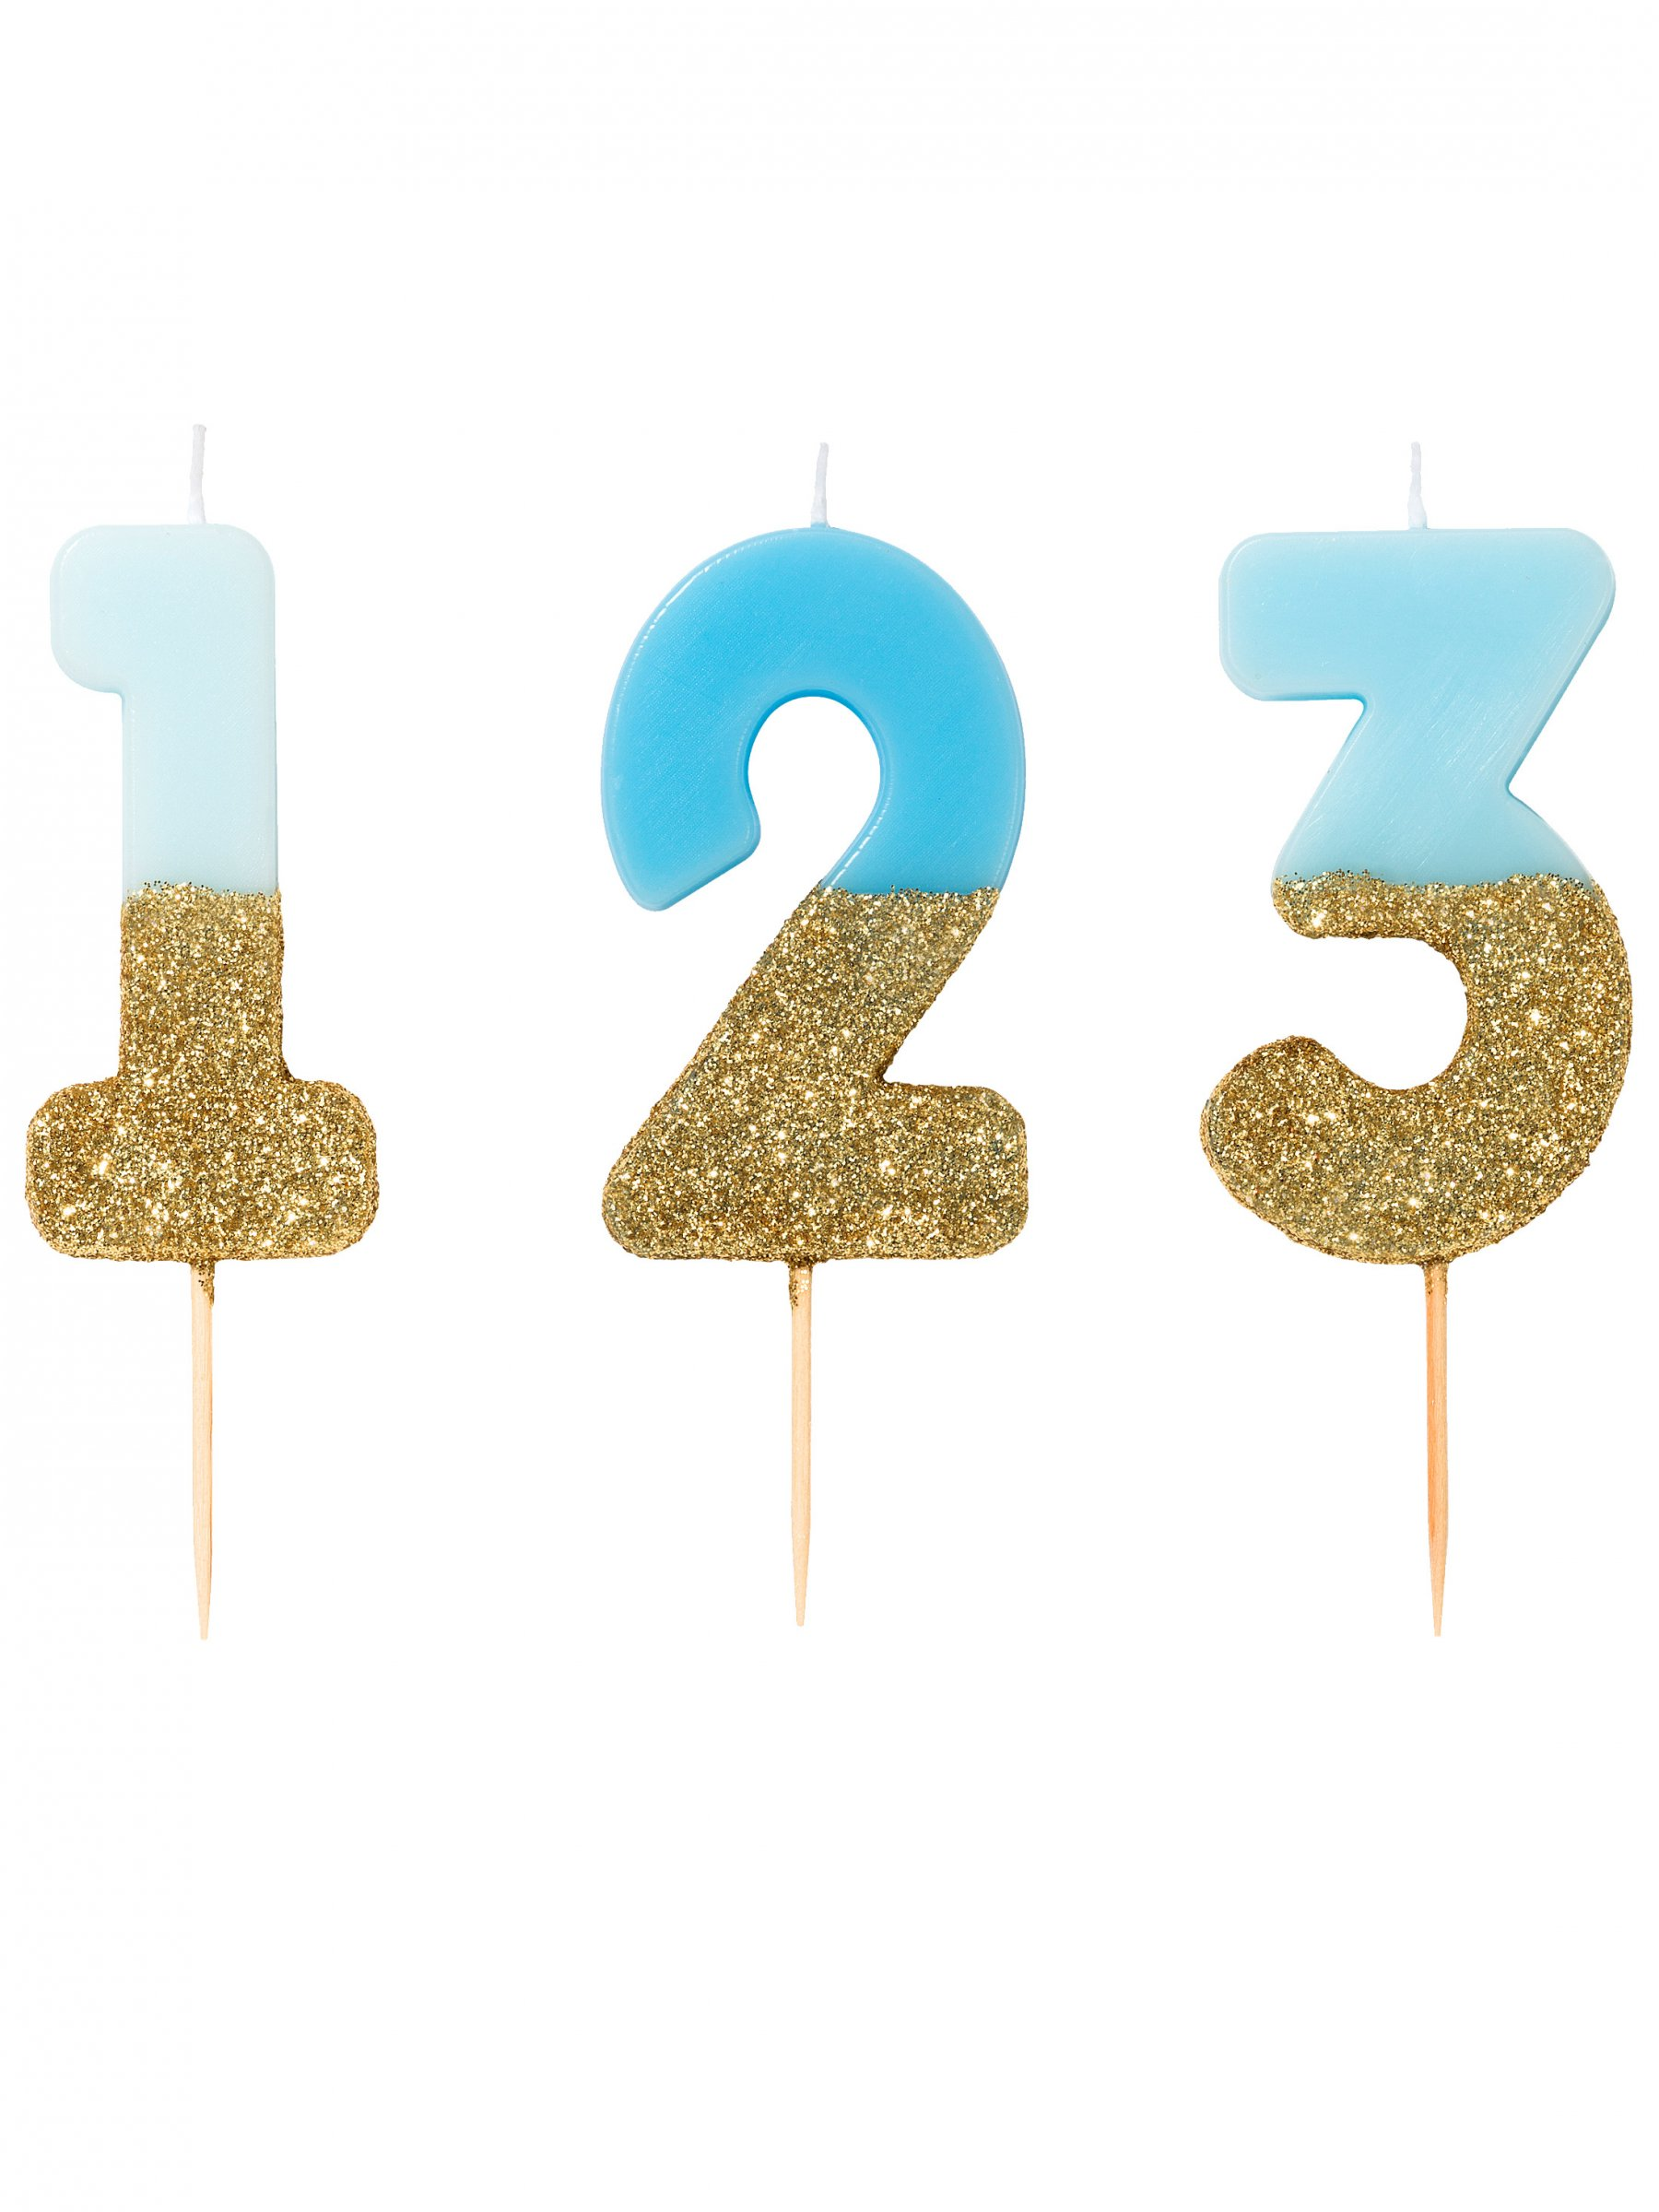 Bougie chiffres bleus et paillettes dorées